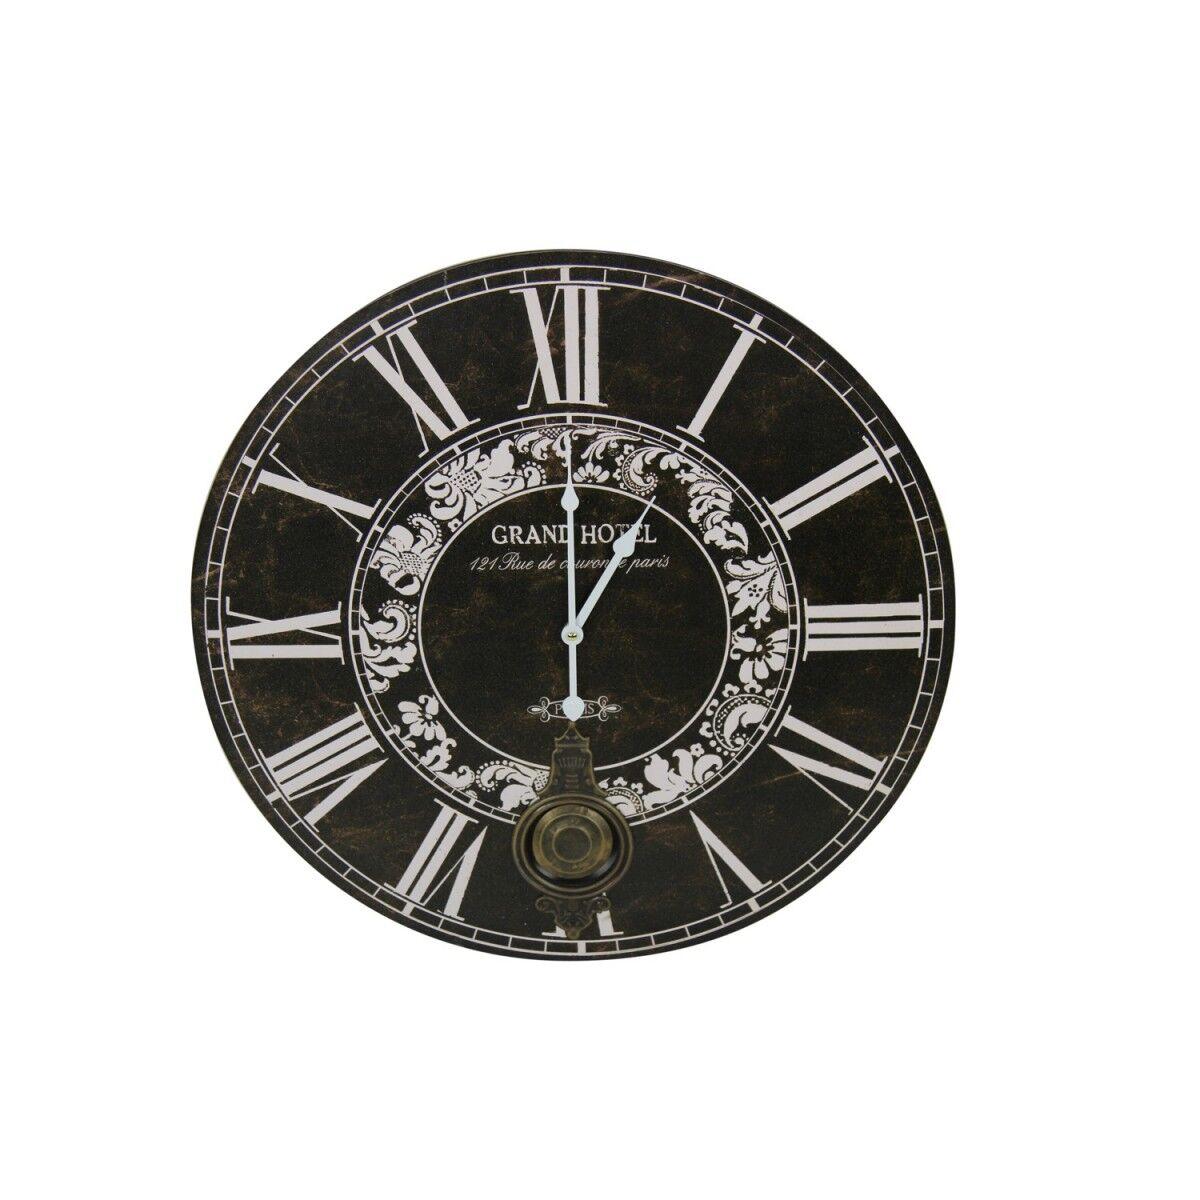 Décoration d'Autrefois Horloge Ancienne Balancier Grand Hôtel 58cm - Bois - Noir